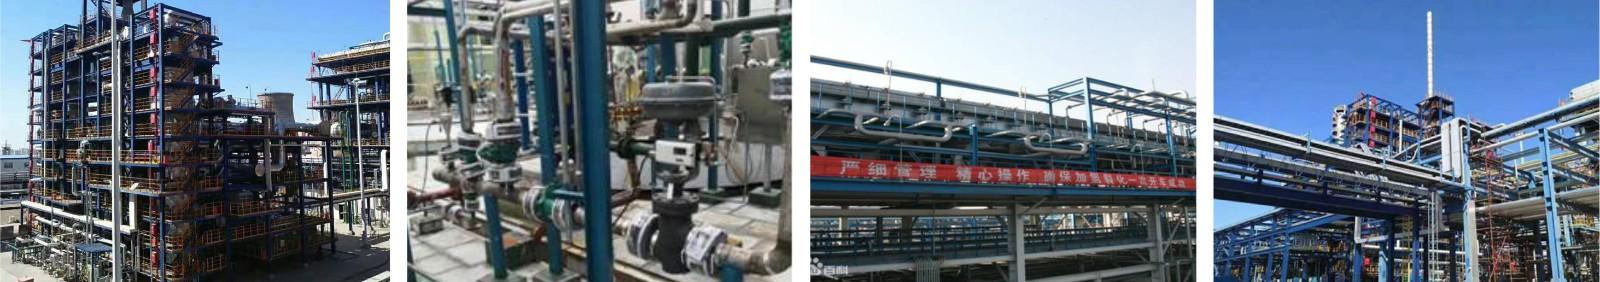 石化烷基化硫酸装置